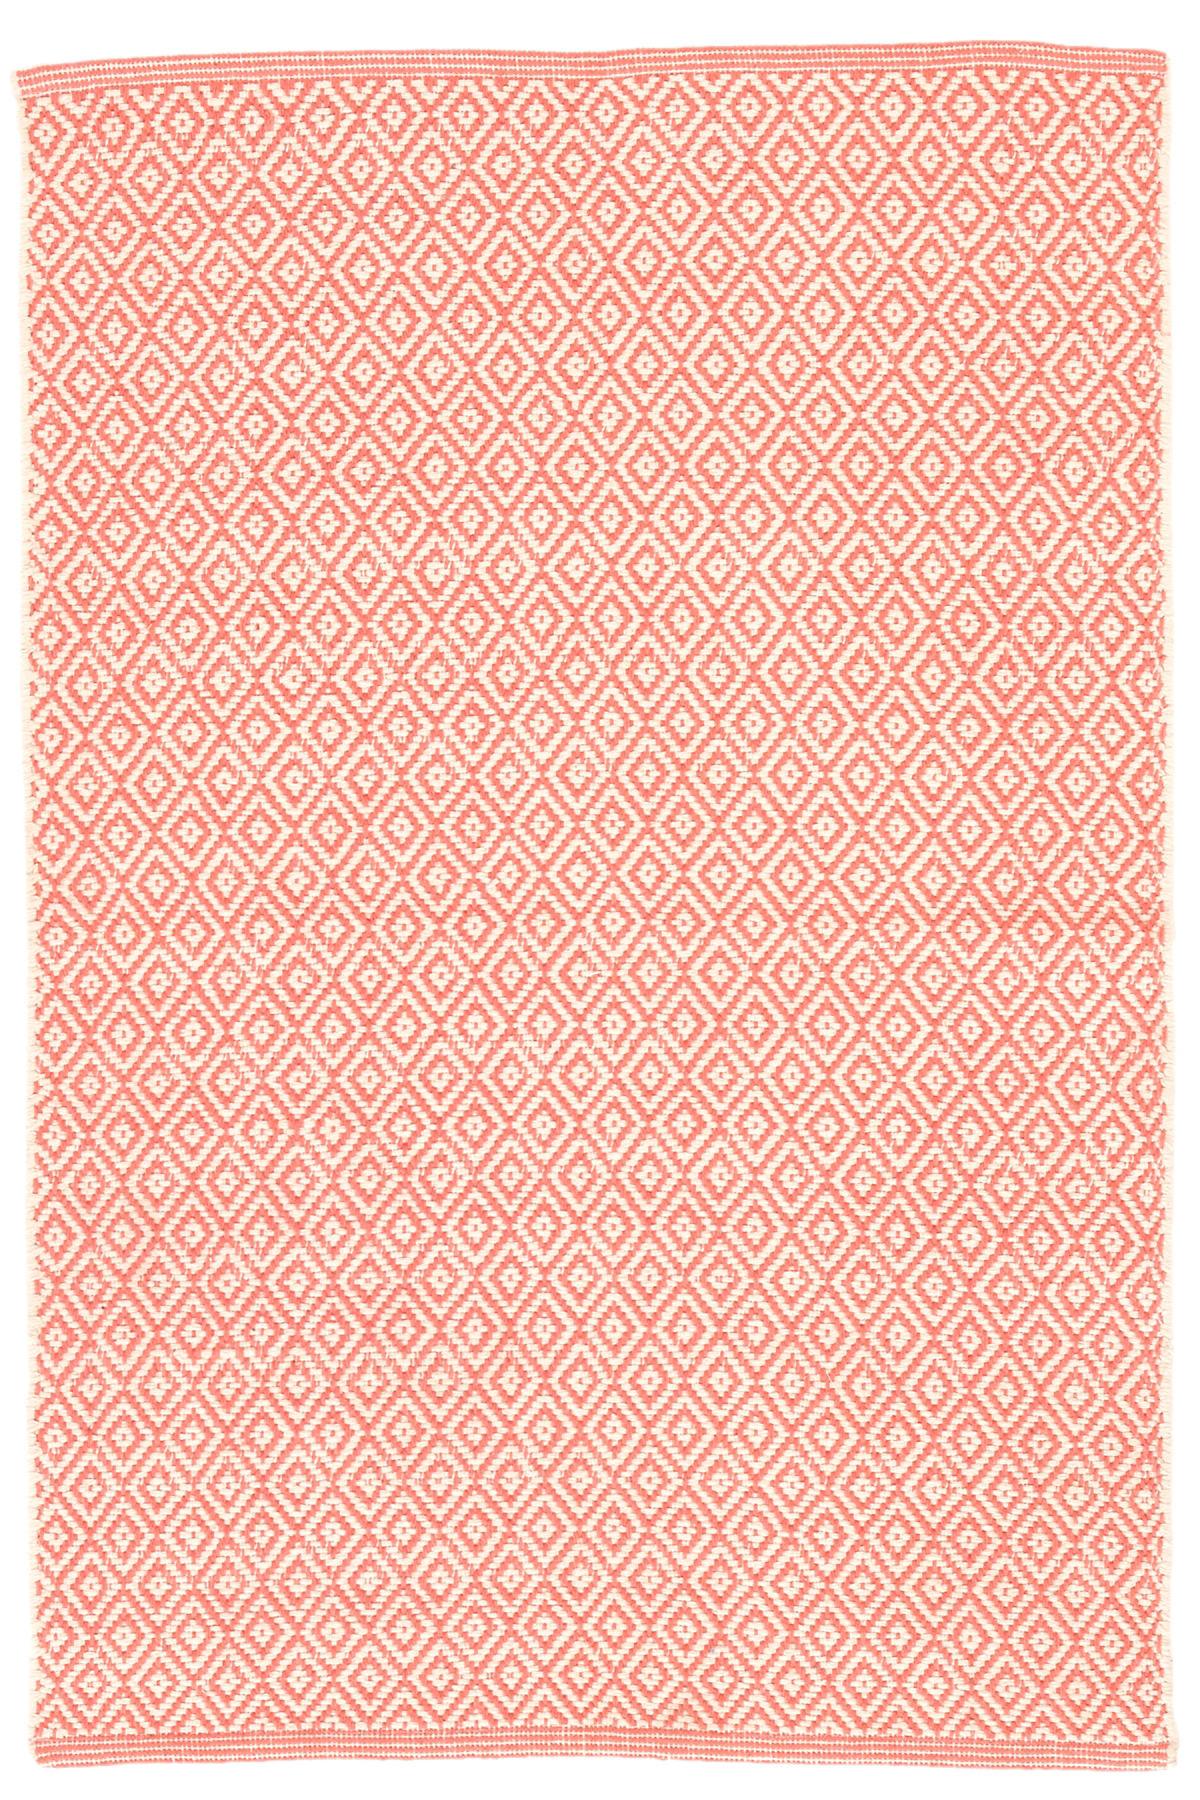 Lattice Coral Woven Cotton Rug